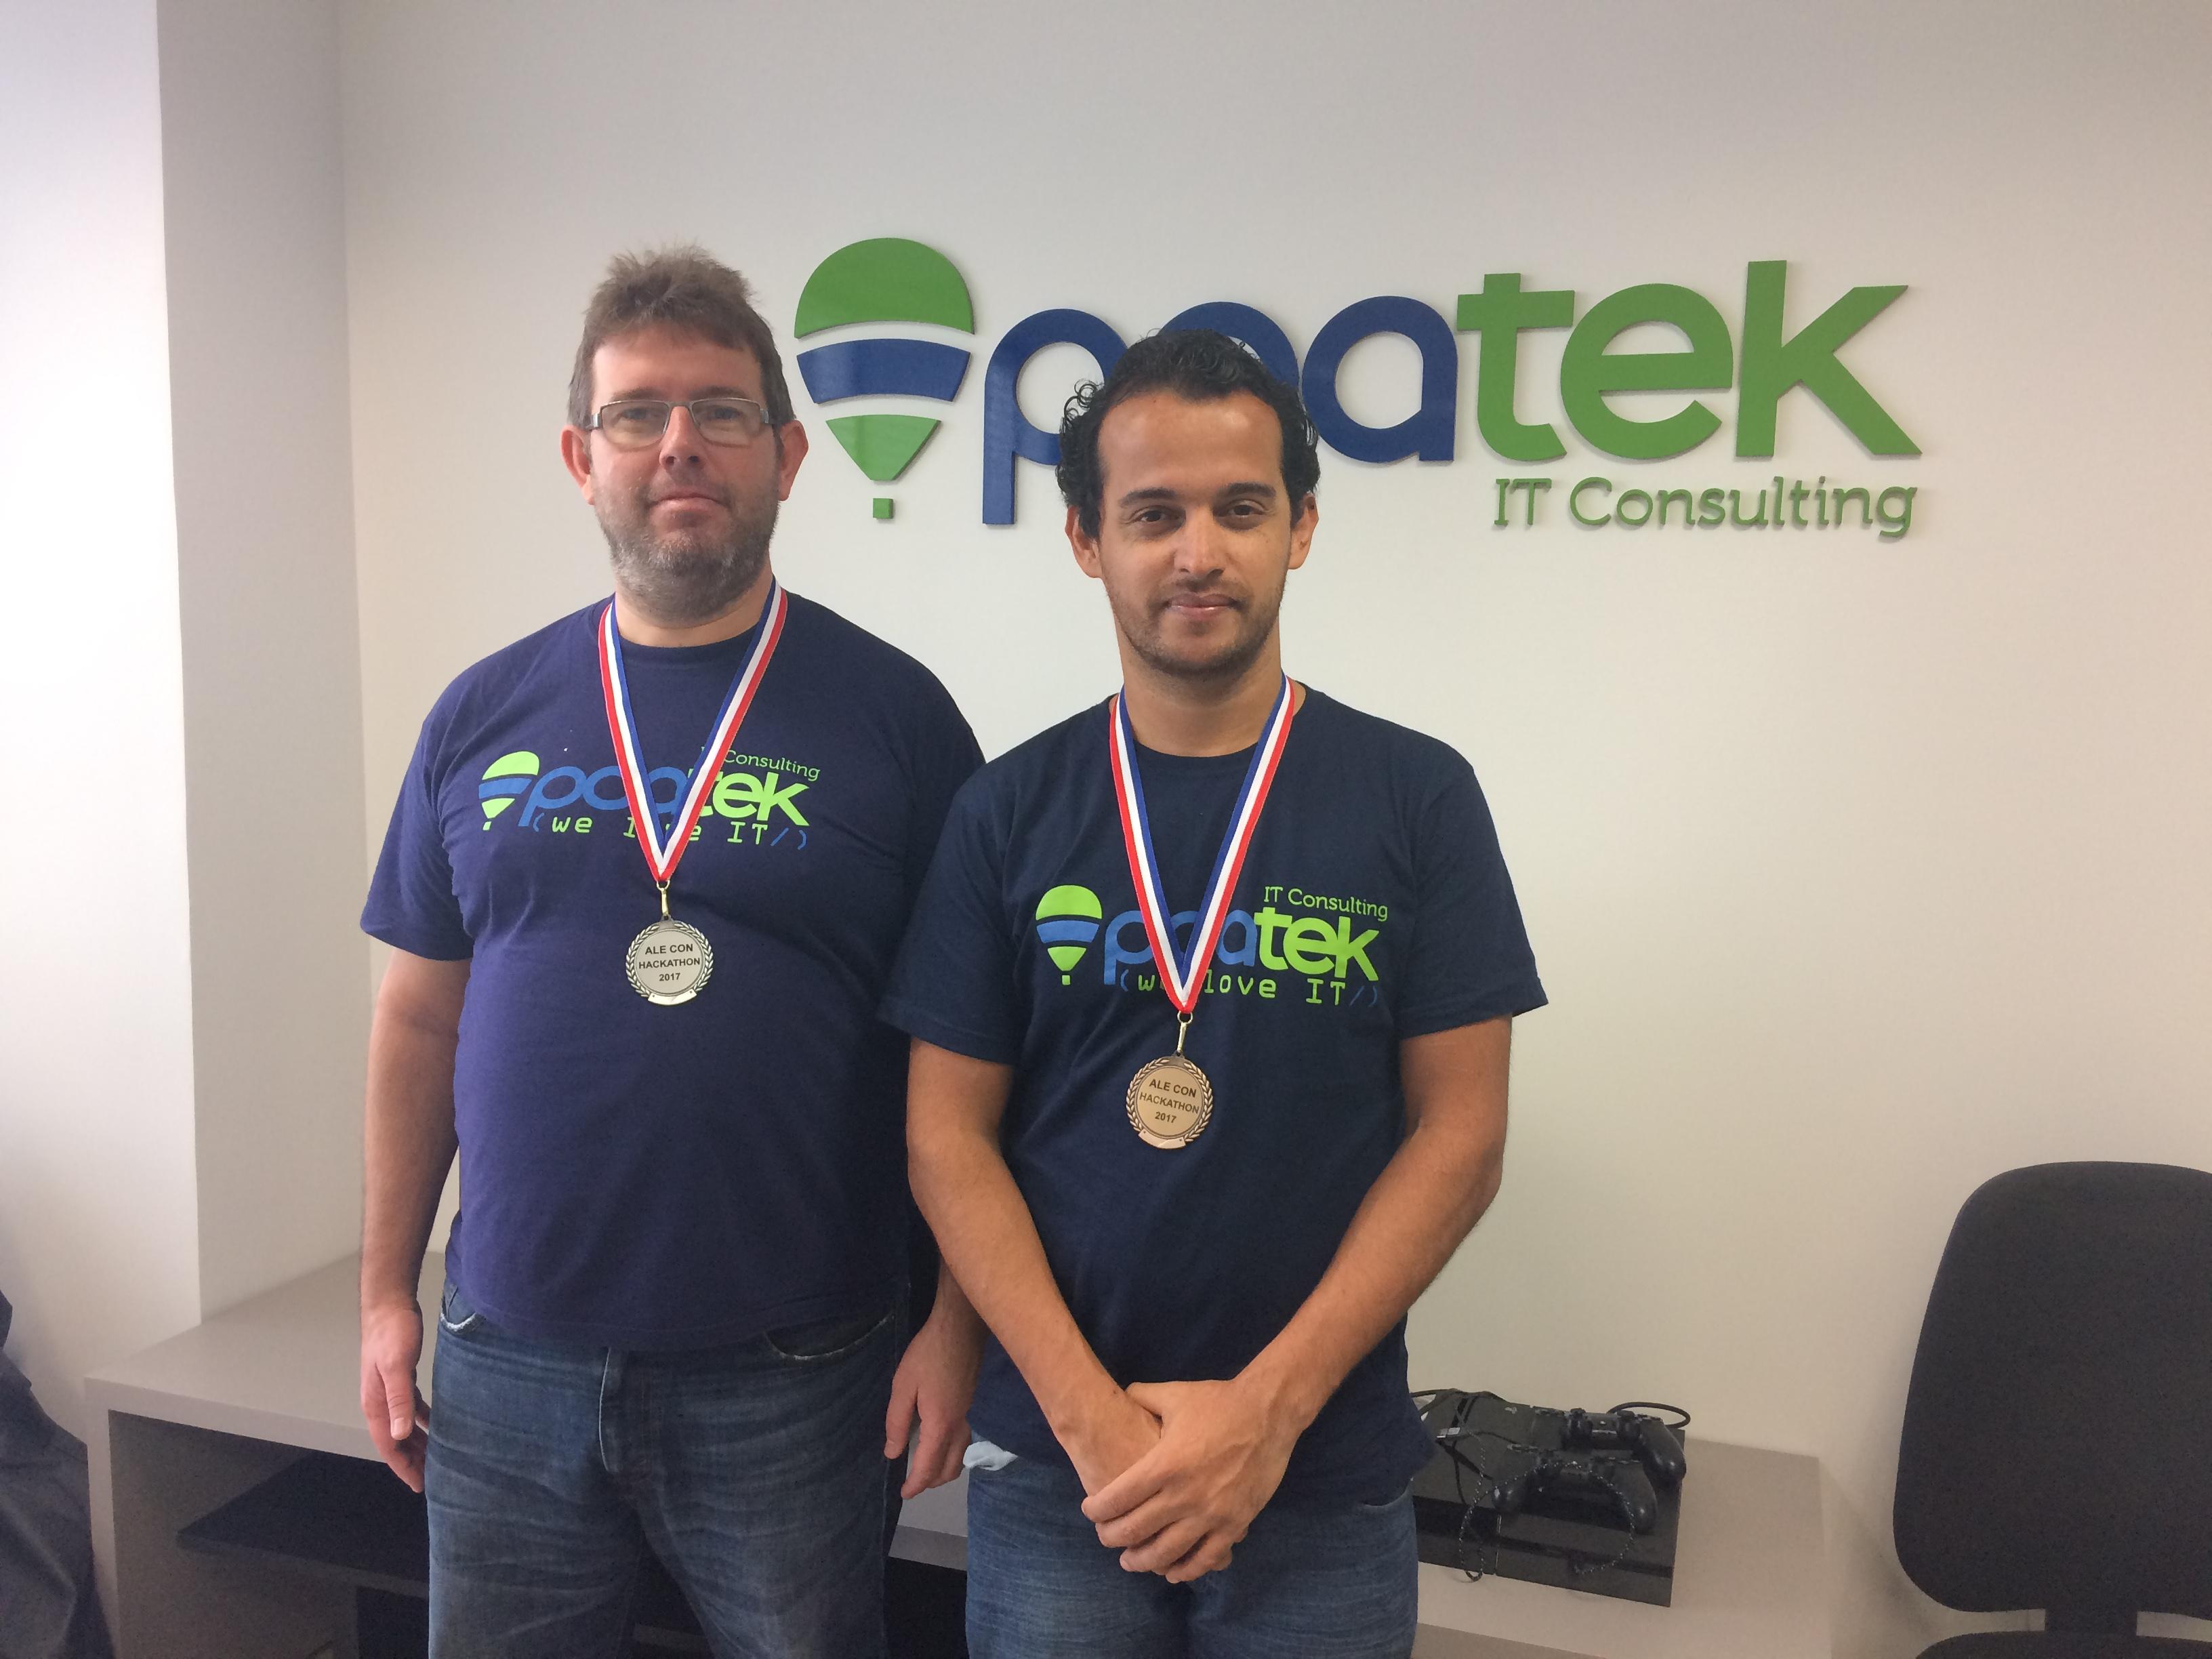 Os dois engenheiros de Software, de pé, felizes com suas medalhas.